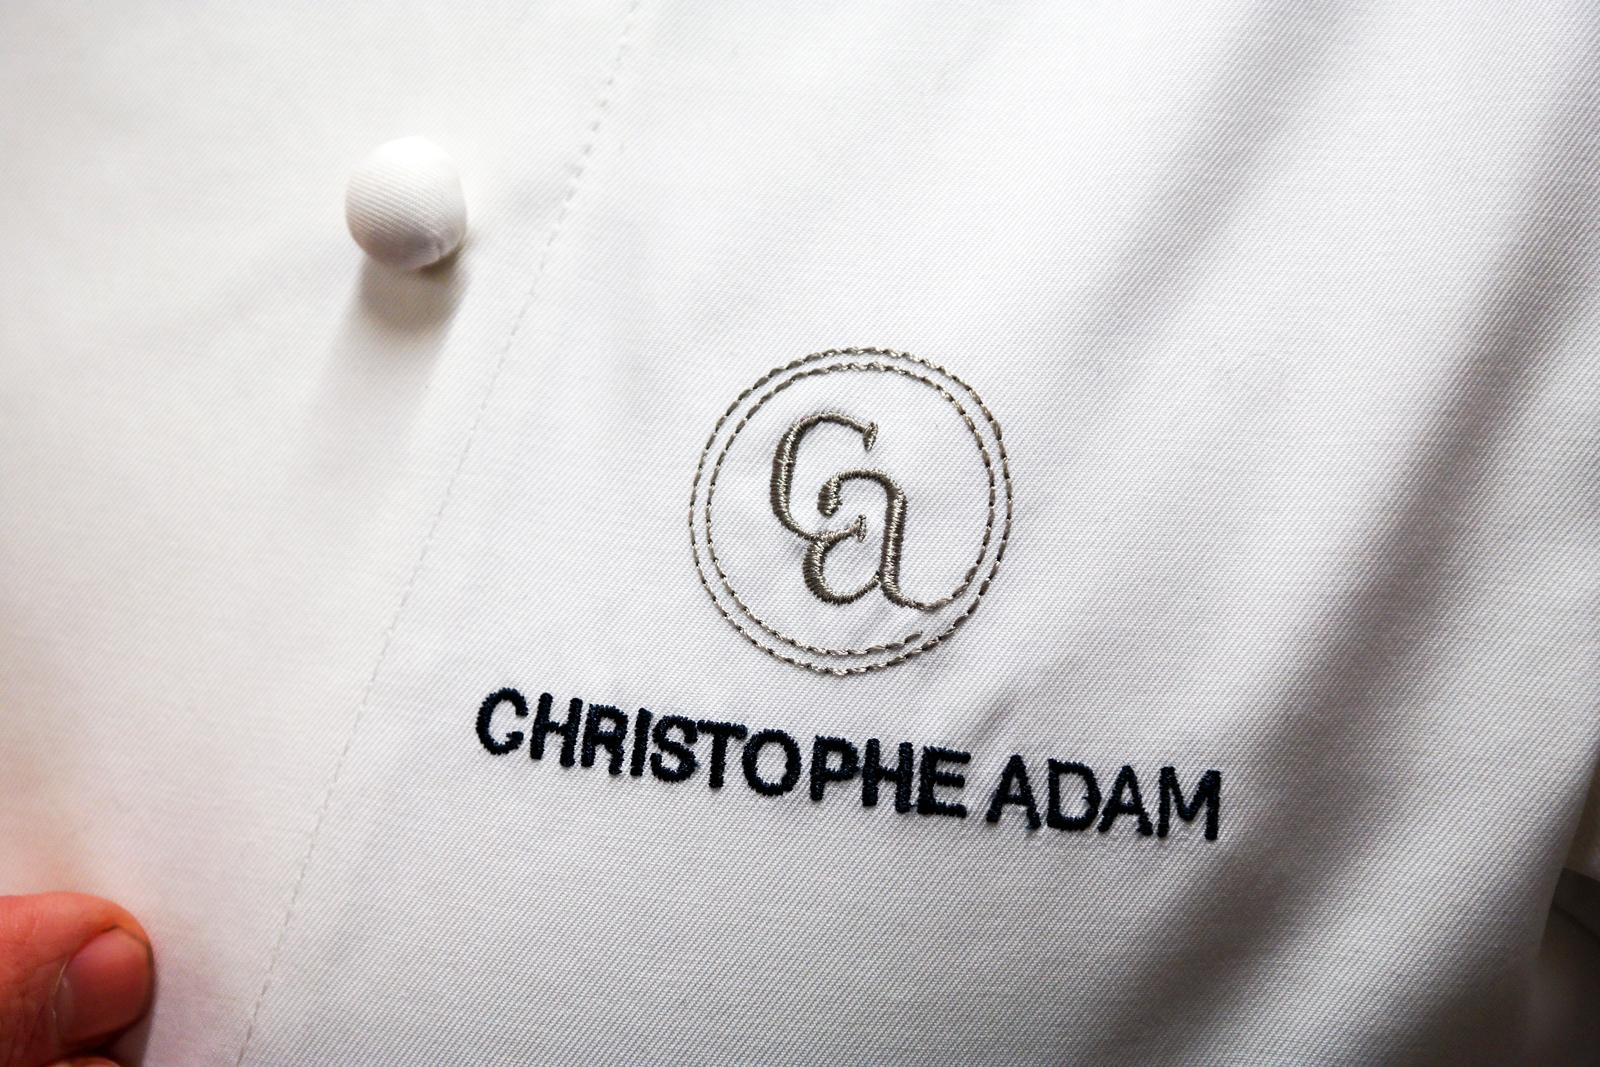 Veste-torse-de-Christophe-Adam-chef-patissier-L-Eclair-de-Génie-La-Fabrique-32-rue-notre-dame-des-victoires-paris-2e-photo-by-United-States-of-Paris-blog